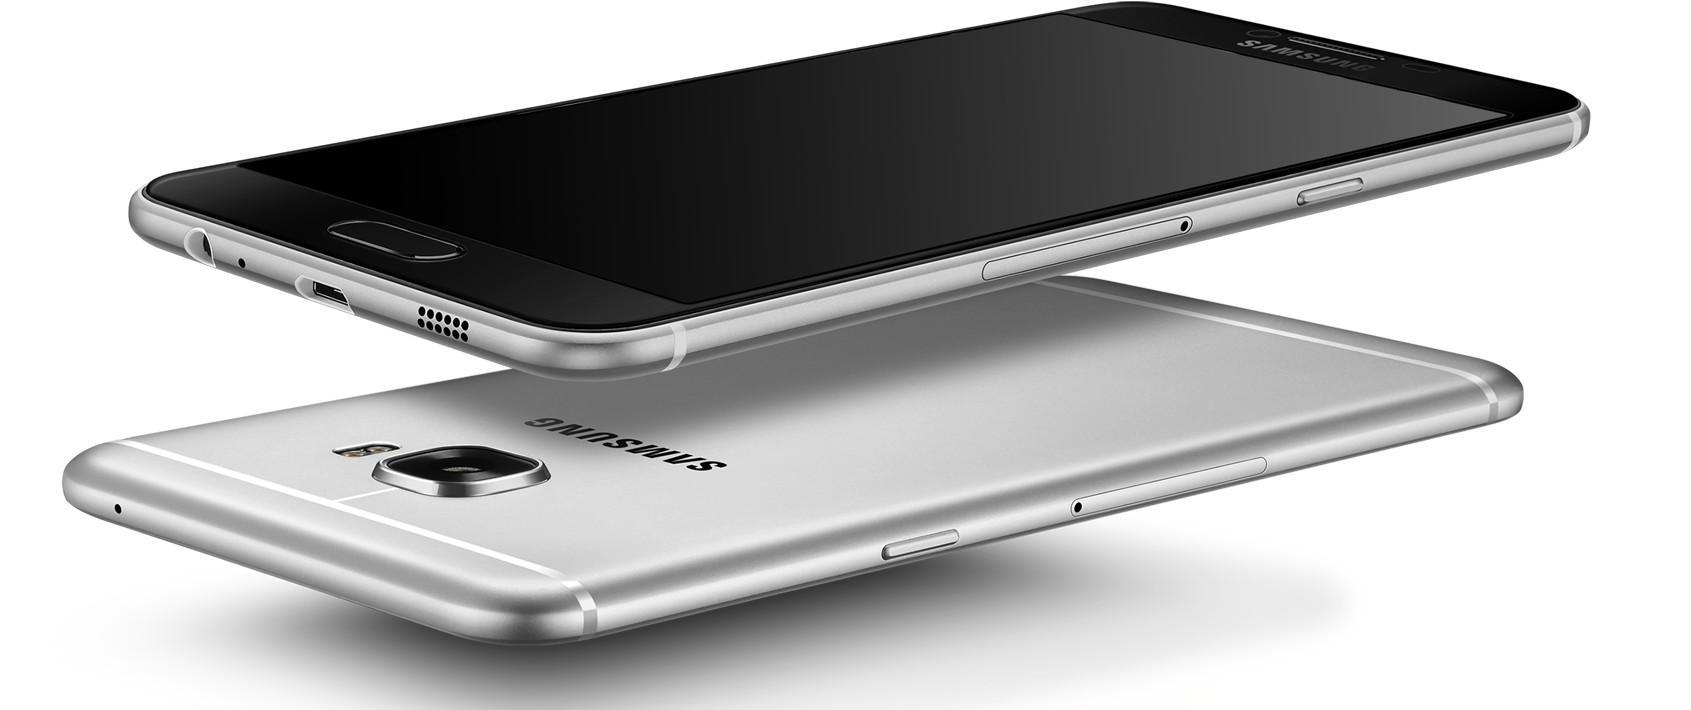 نسخهای خاص از گوشی میانرده سامسونگ گلکسی سی 7 (Galaxy C7) در گیگبنچ مشاهده شد